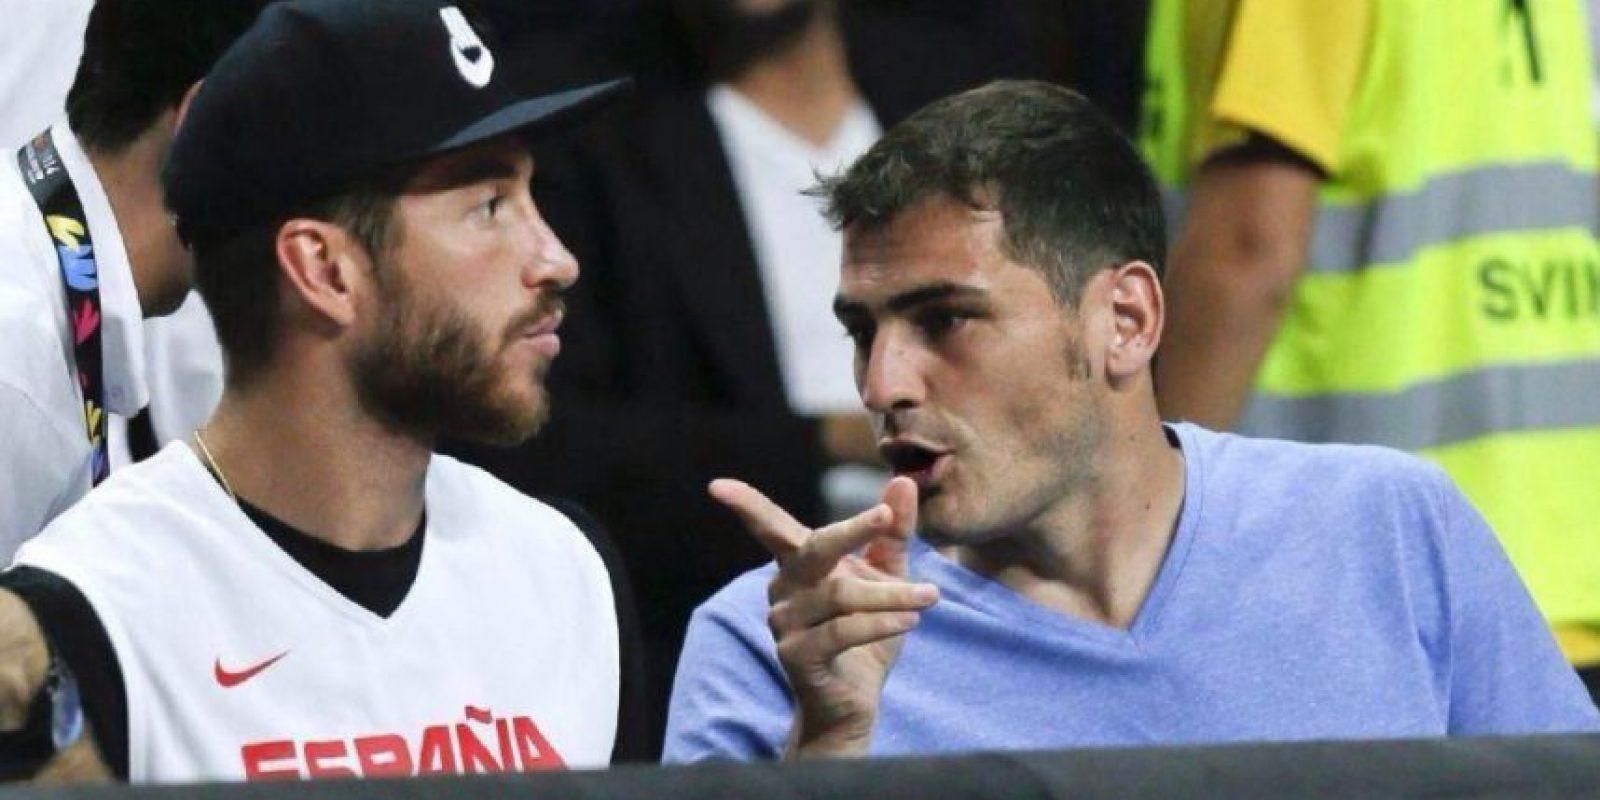 Baloncesto El Deporte Rafaga: ¡Mala Suerte! Iker Casillas Y Sergio Ramos Van Al Mundial